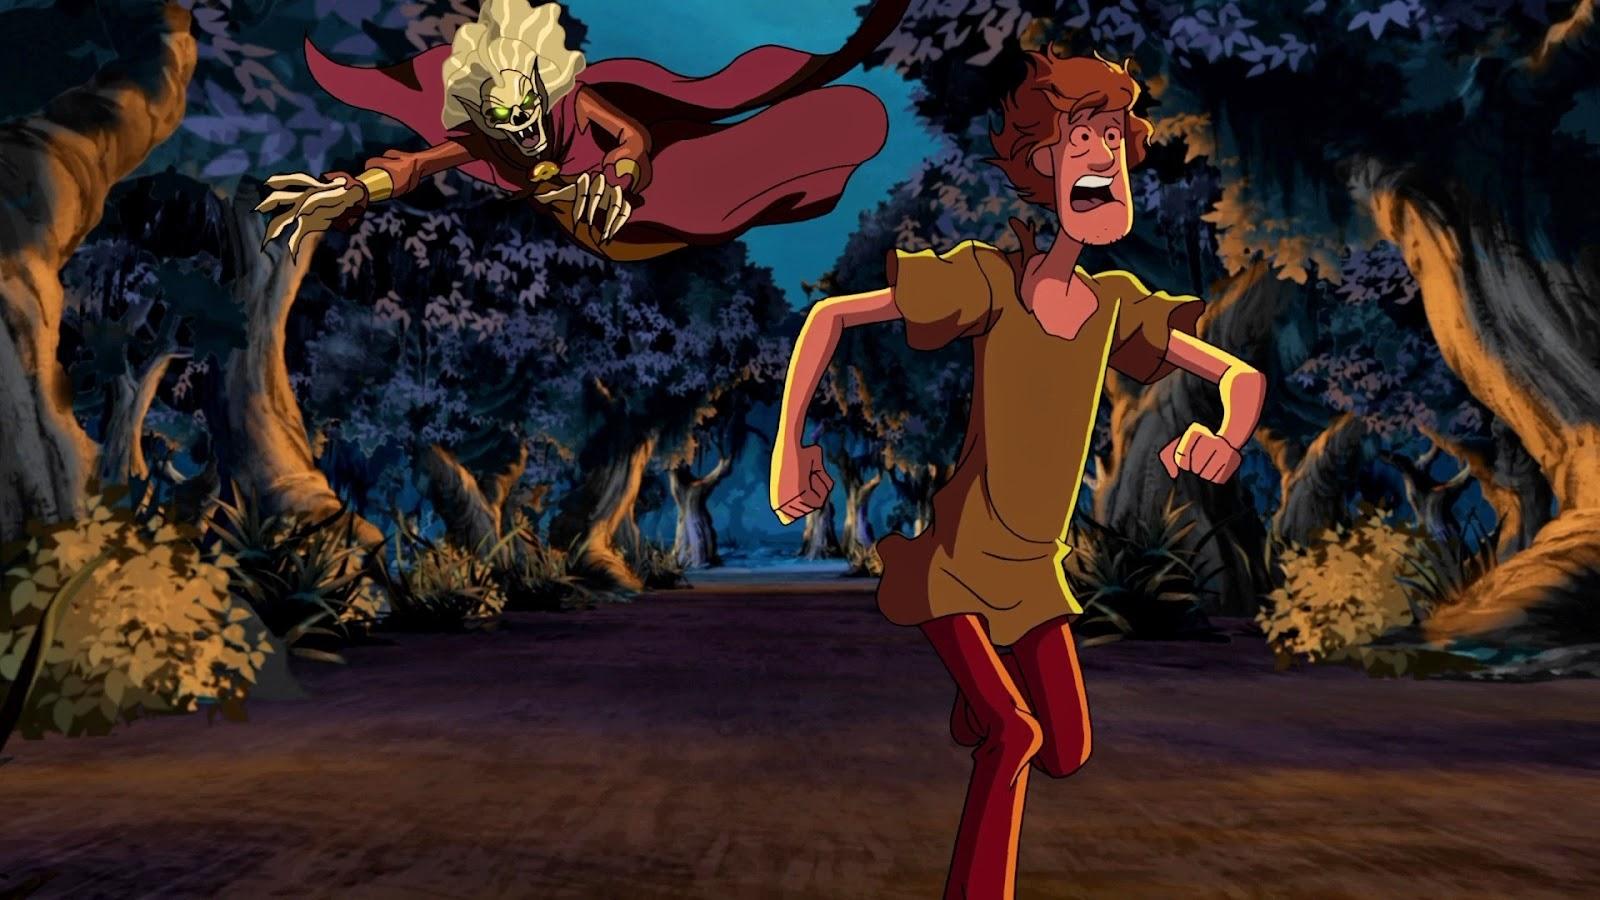 Scooby-Doo Musica de Vampiro